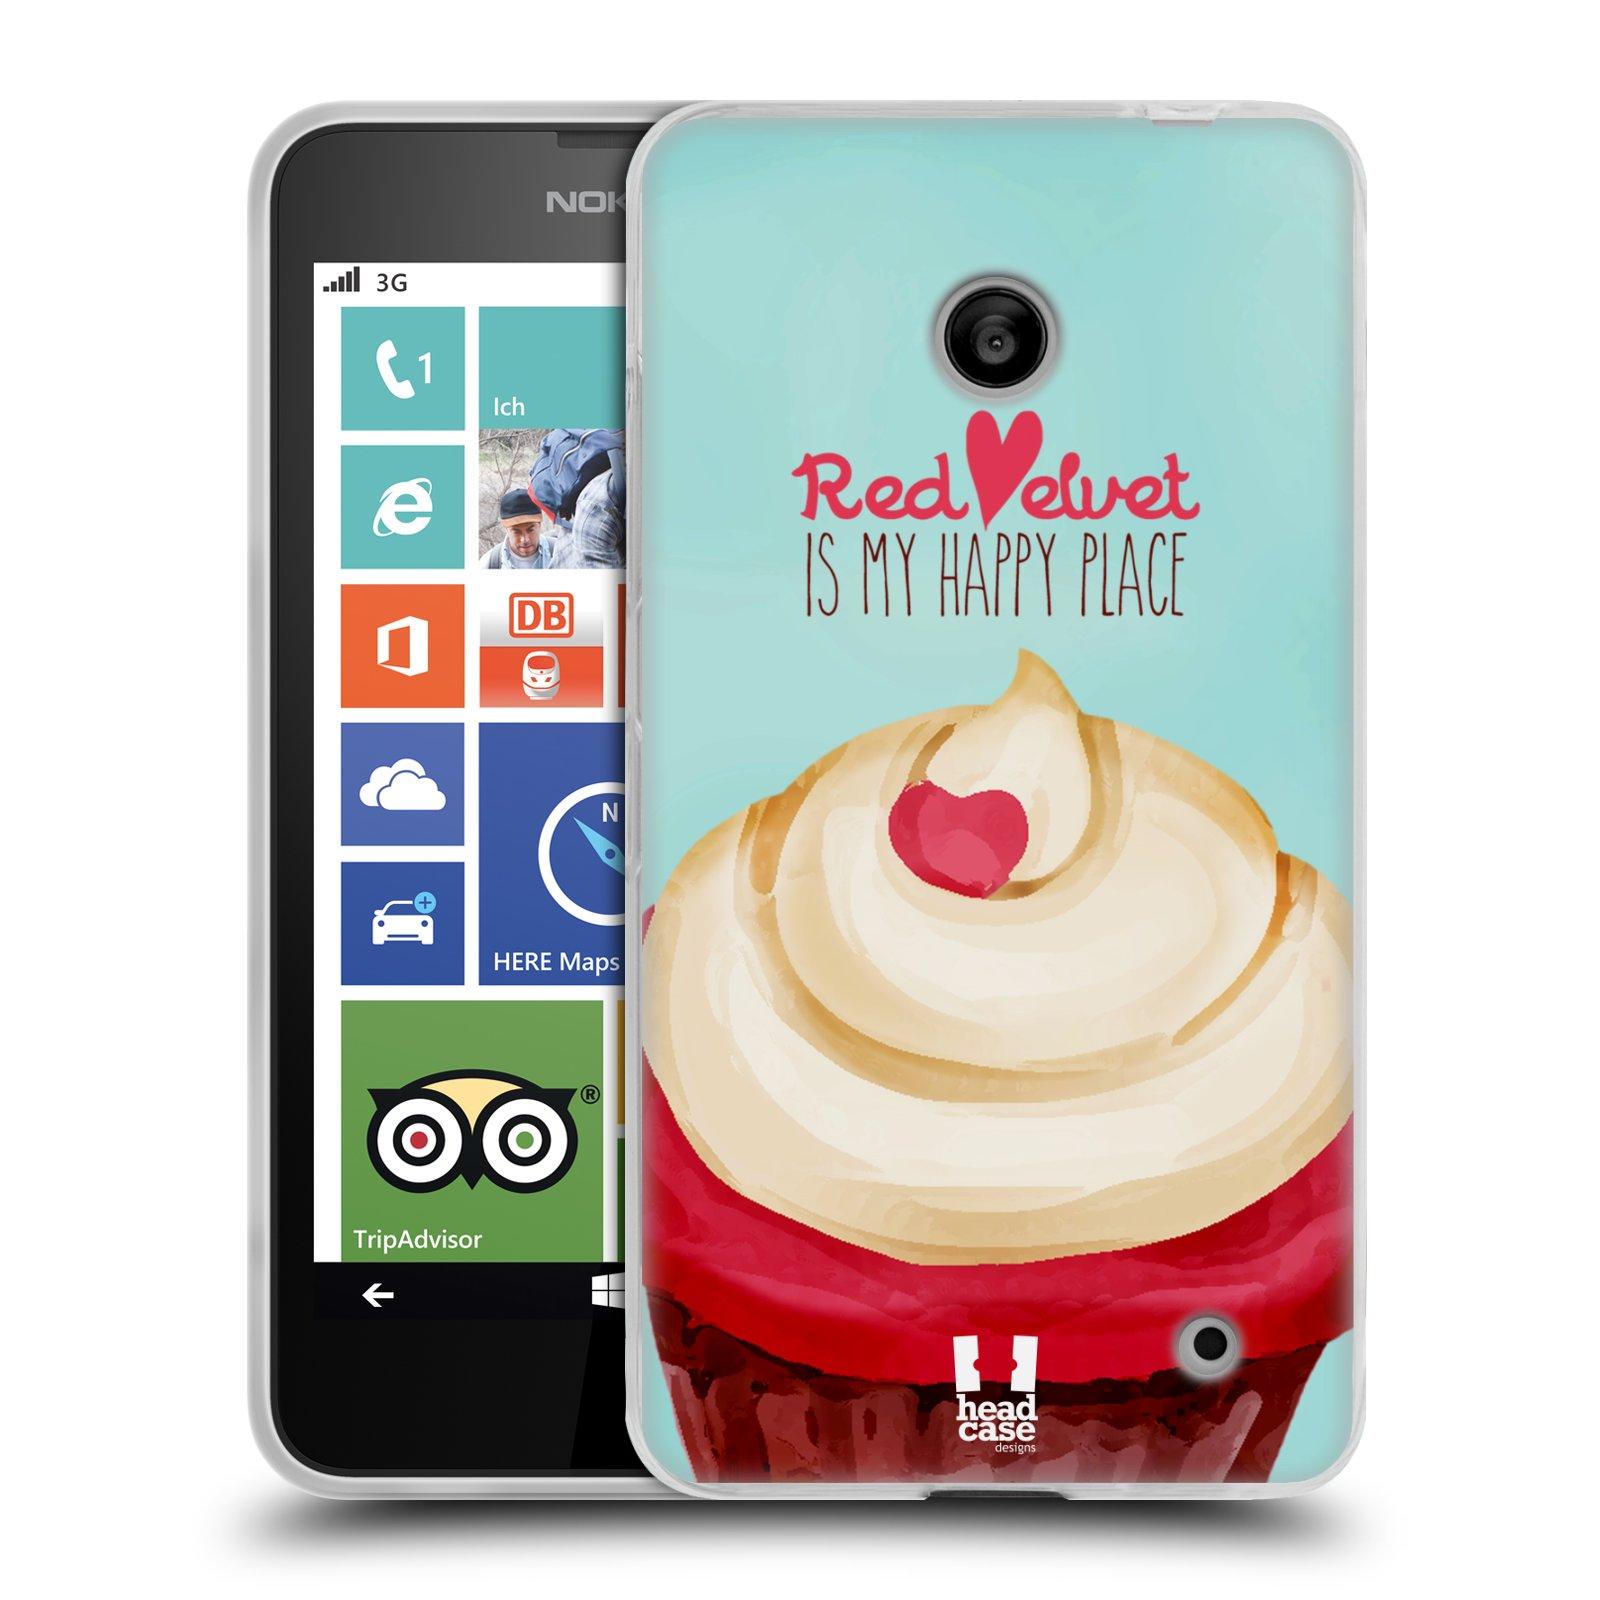 Silikonové pouzdro na mobil Nokia Lumia 630 HEAD CASE CUPCAKE RED VELVET (Silikonový kryt či obal na mobilní telefon Nokia Lumia 630 a Nokia Lumia 630 Dual SIM)